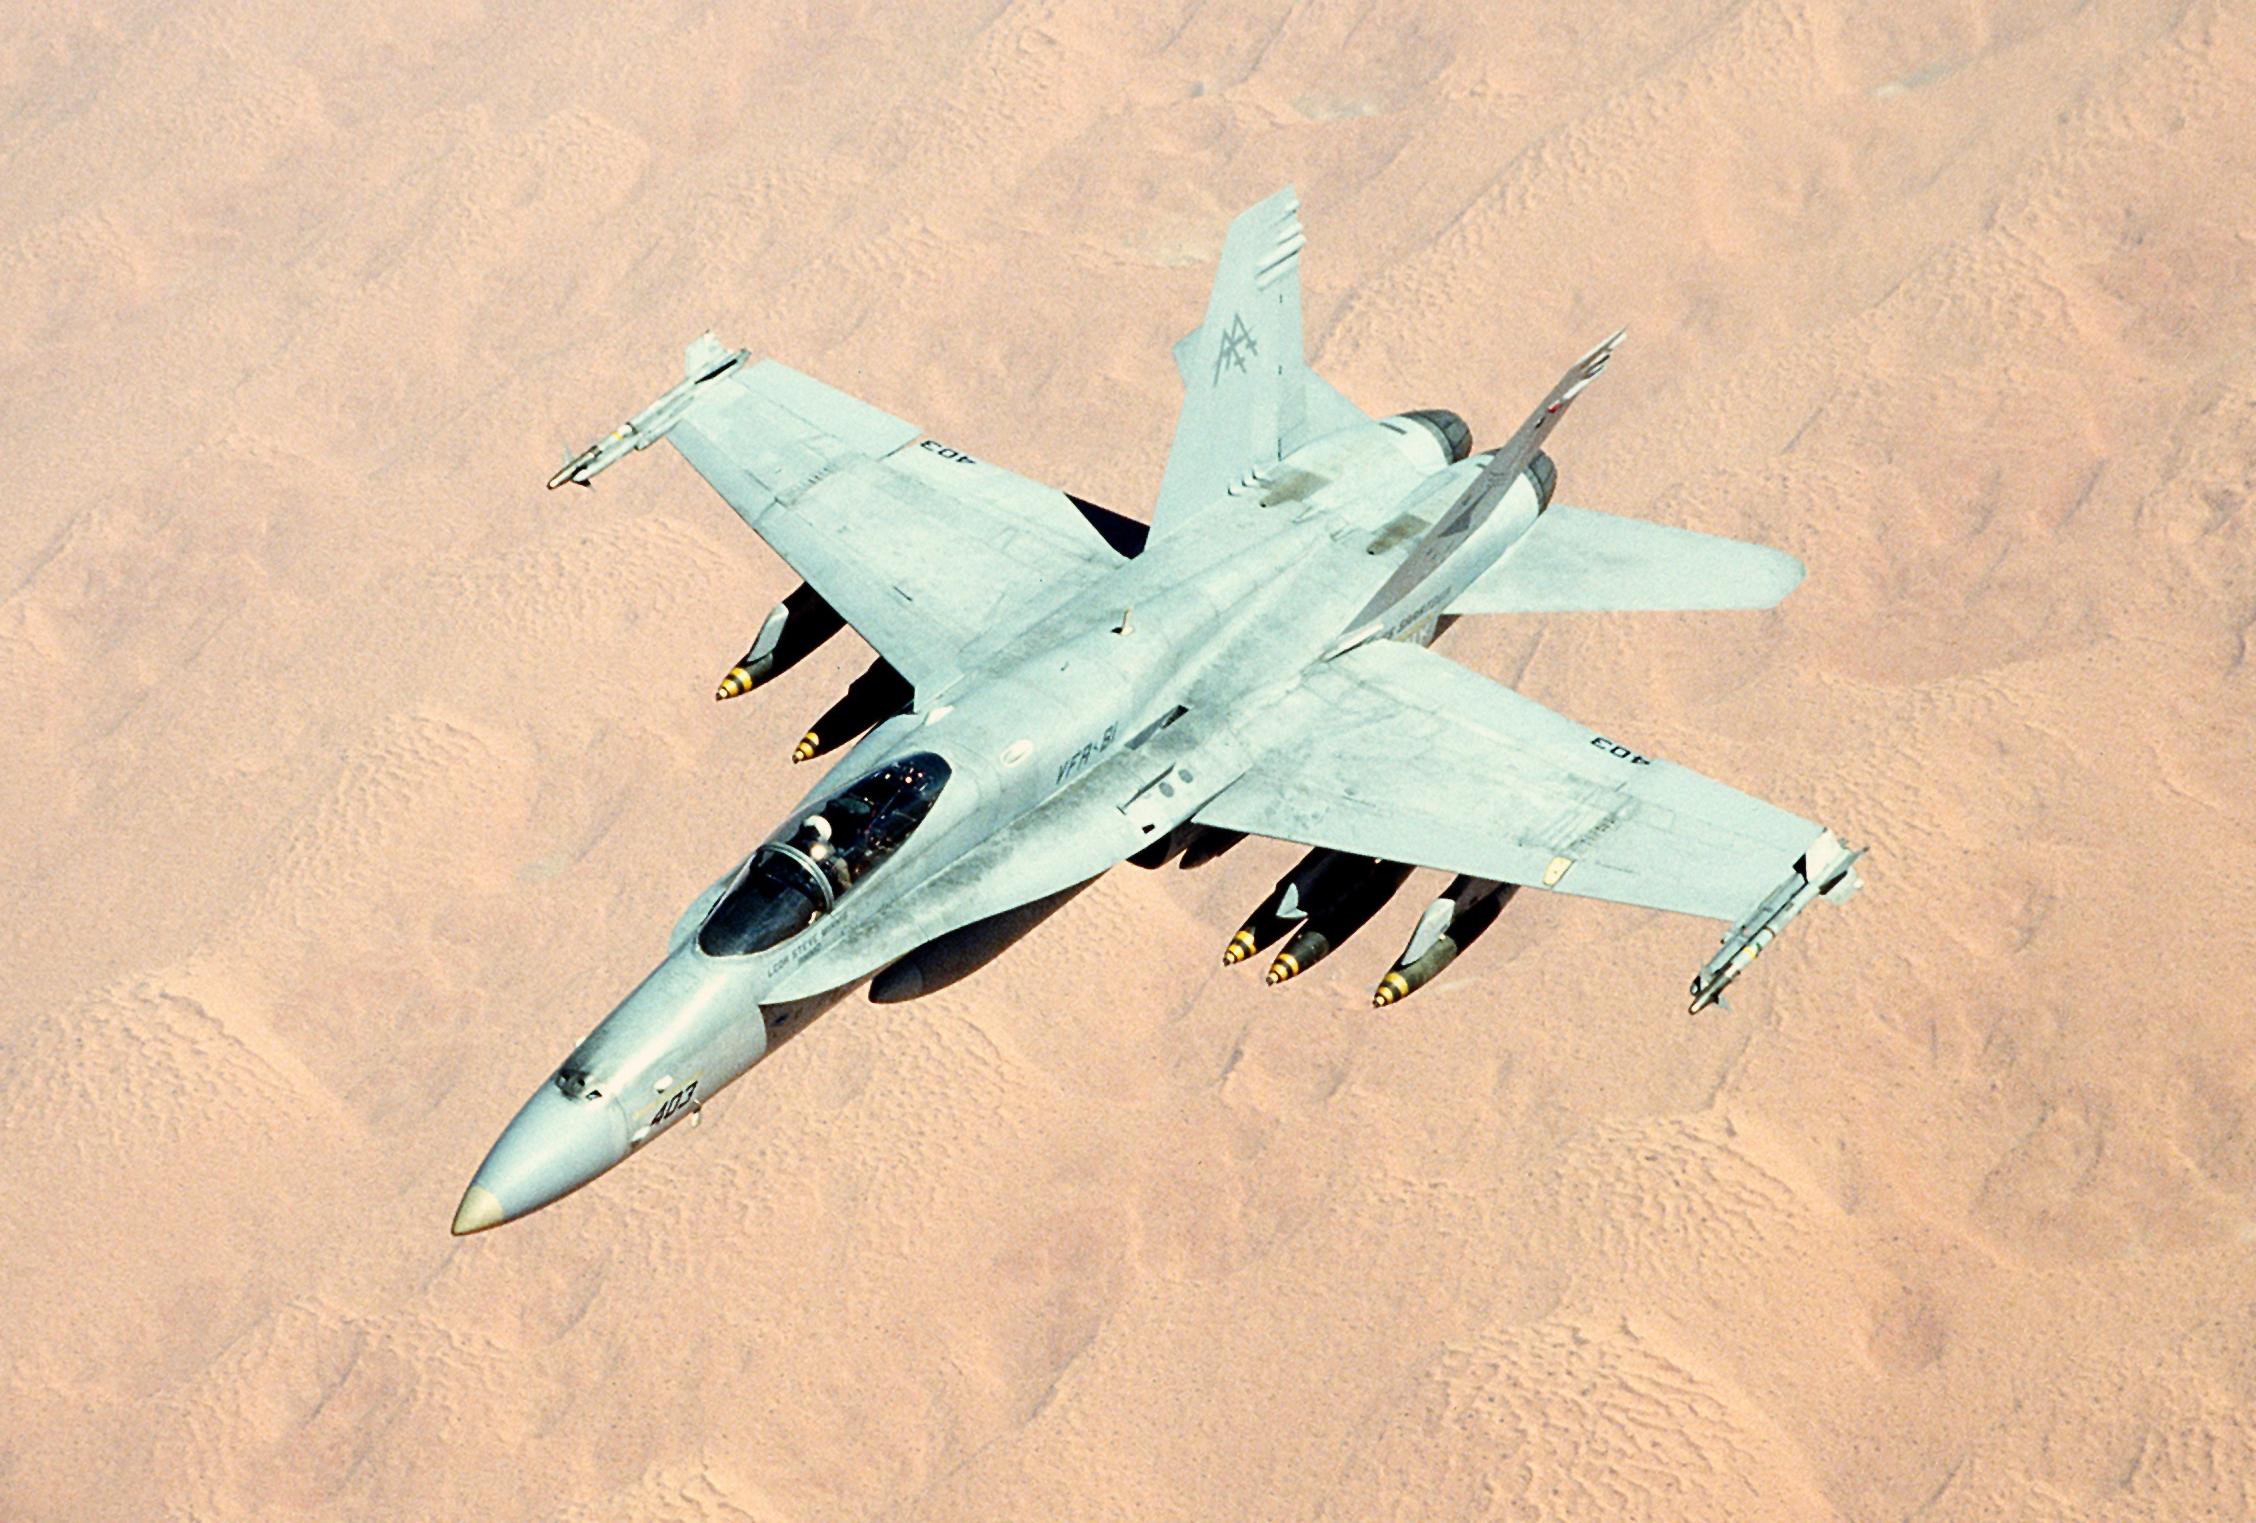 F-18C_VFA-81_in_flight_during_Gulf_War_1